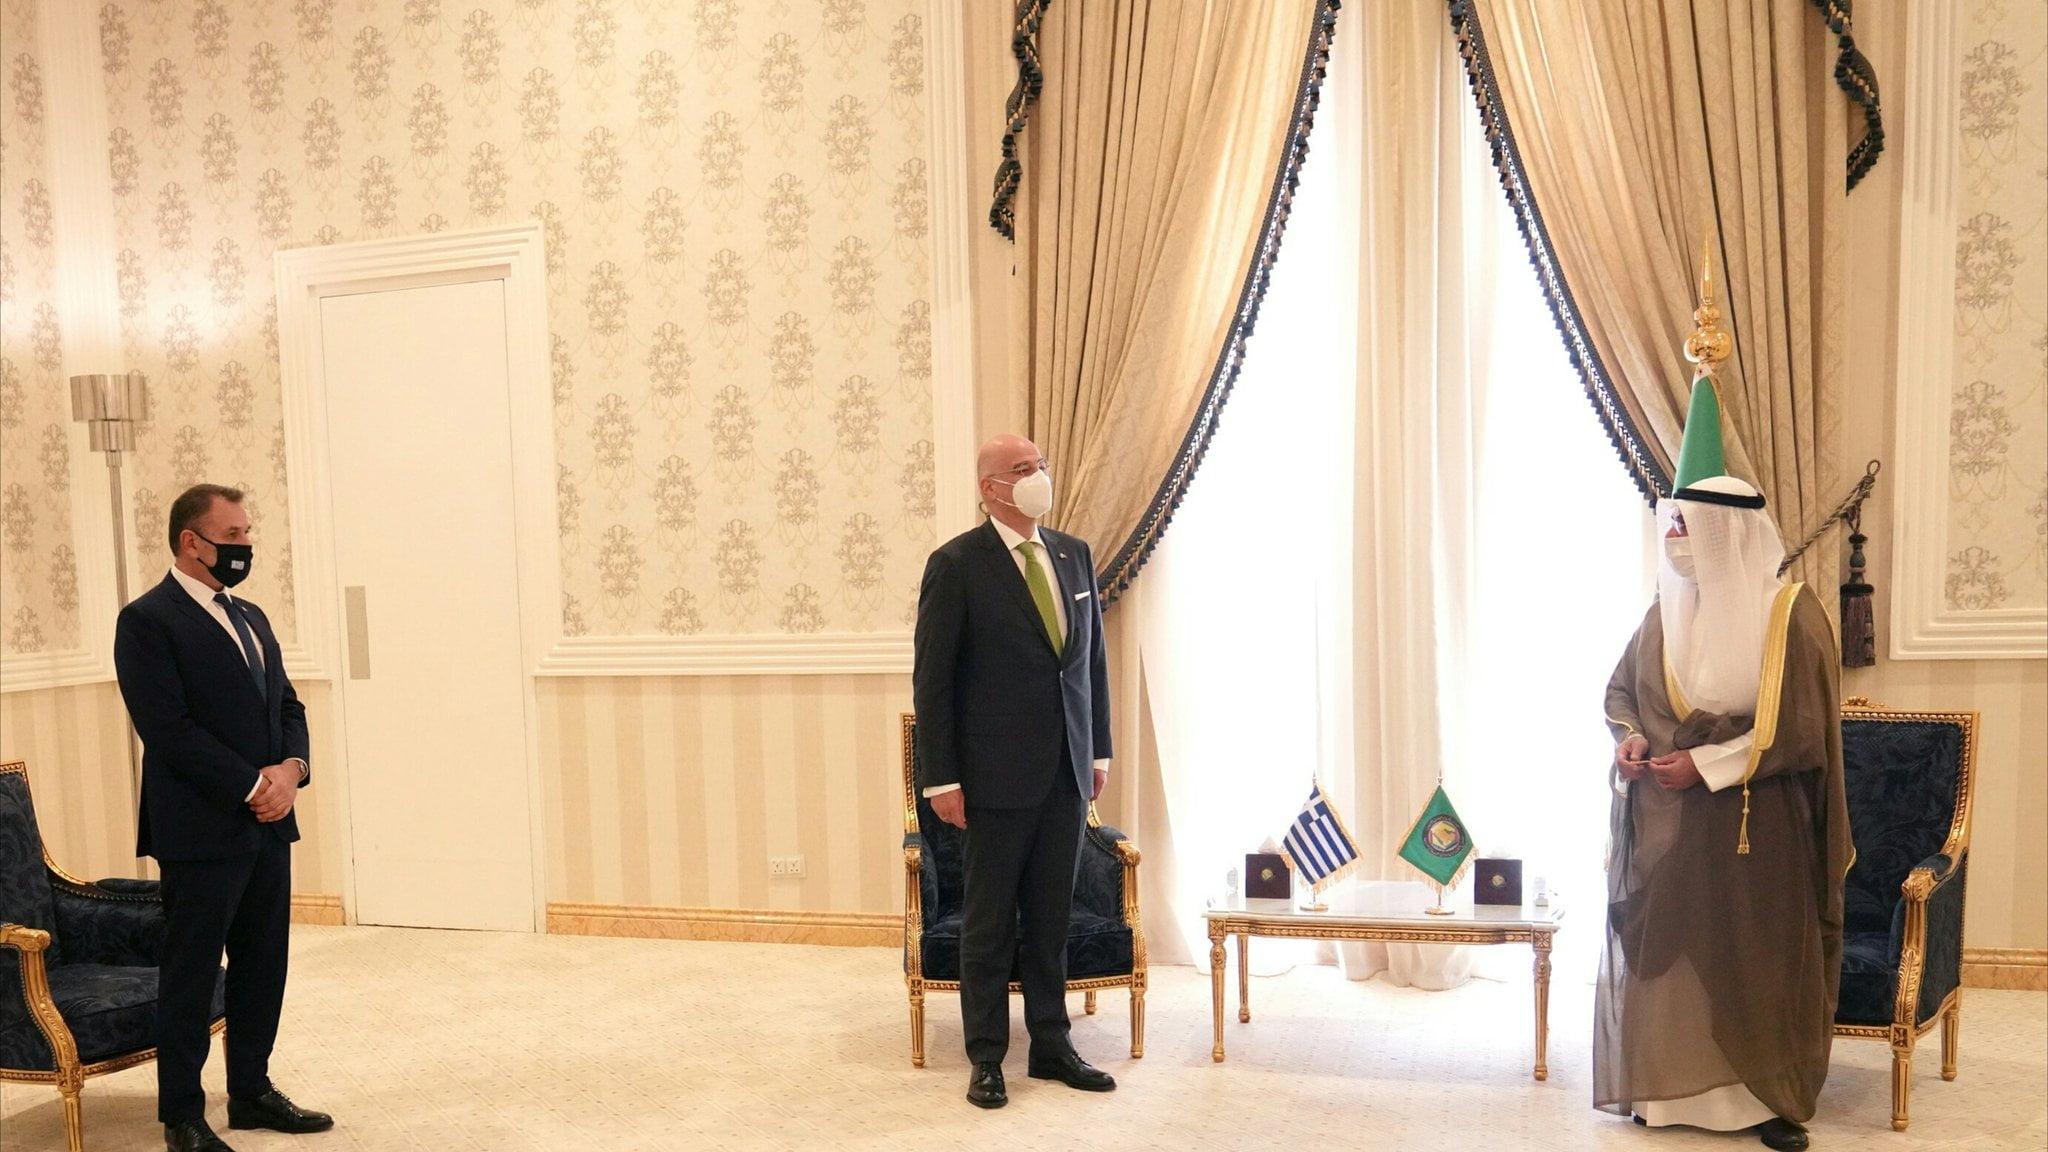 Ν. Παναγιωτόπουλος: Με τον Ν. Δένδια συναντήσαμε τον ΓΓ του Συμβουλίου Συνεργασίας του Κόλπου στο Ριάντ